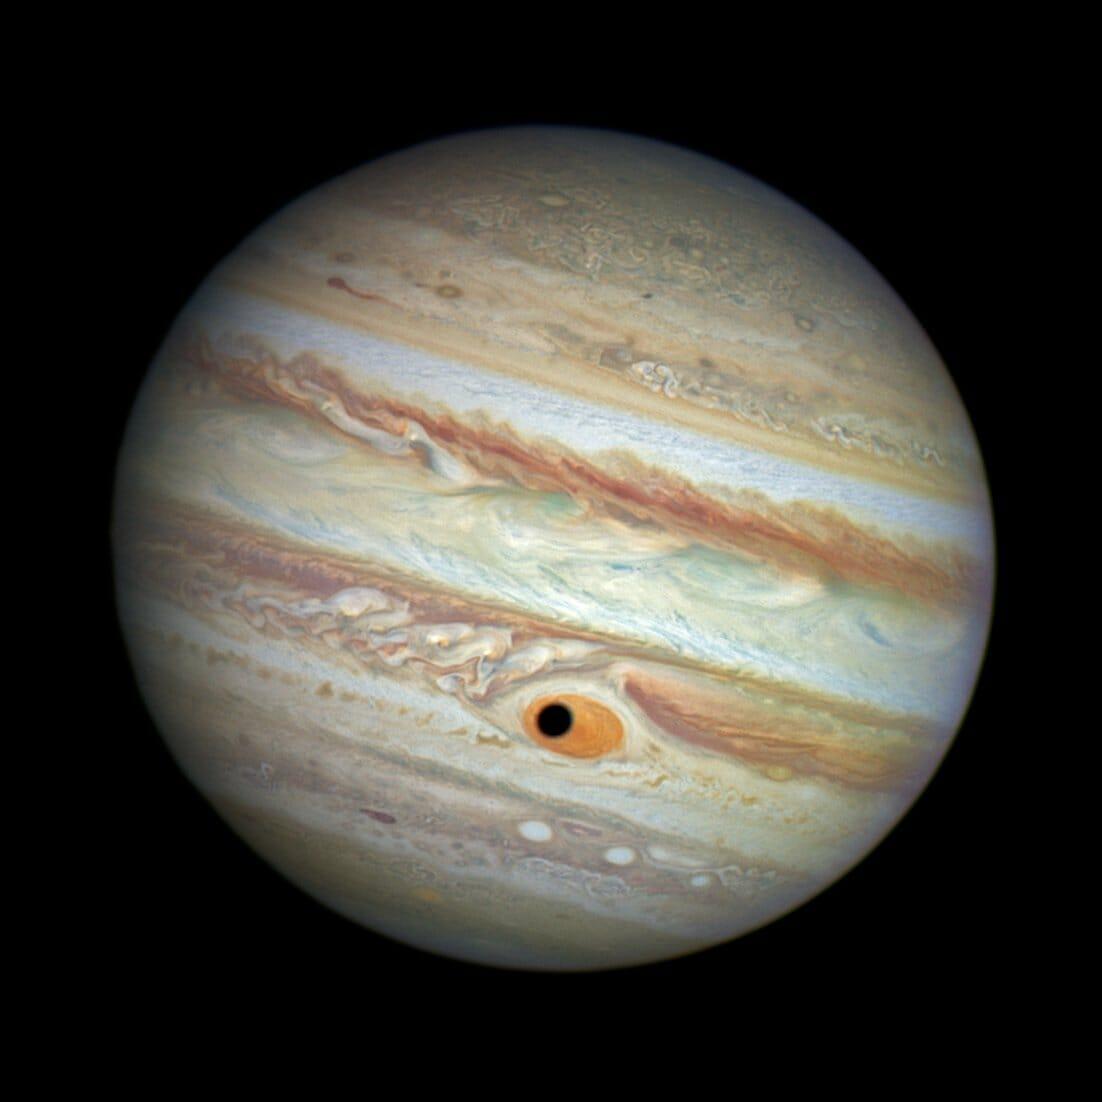 imagens-espetaculares-2014-ciencia_14